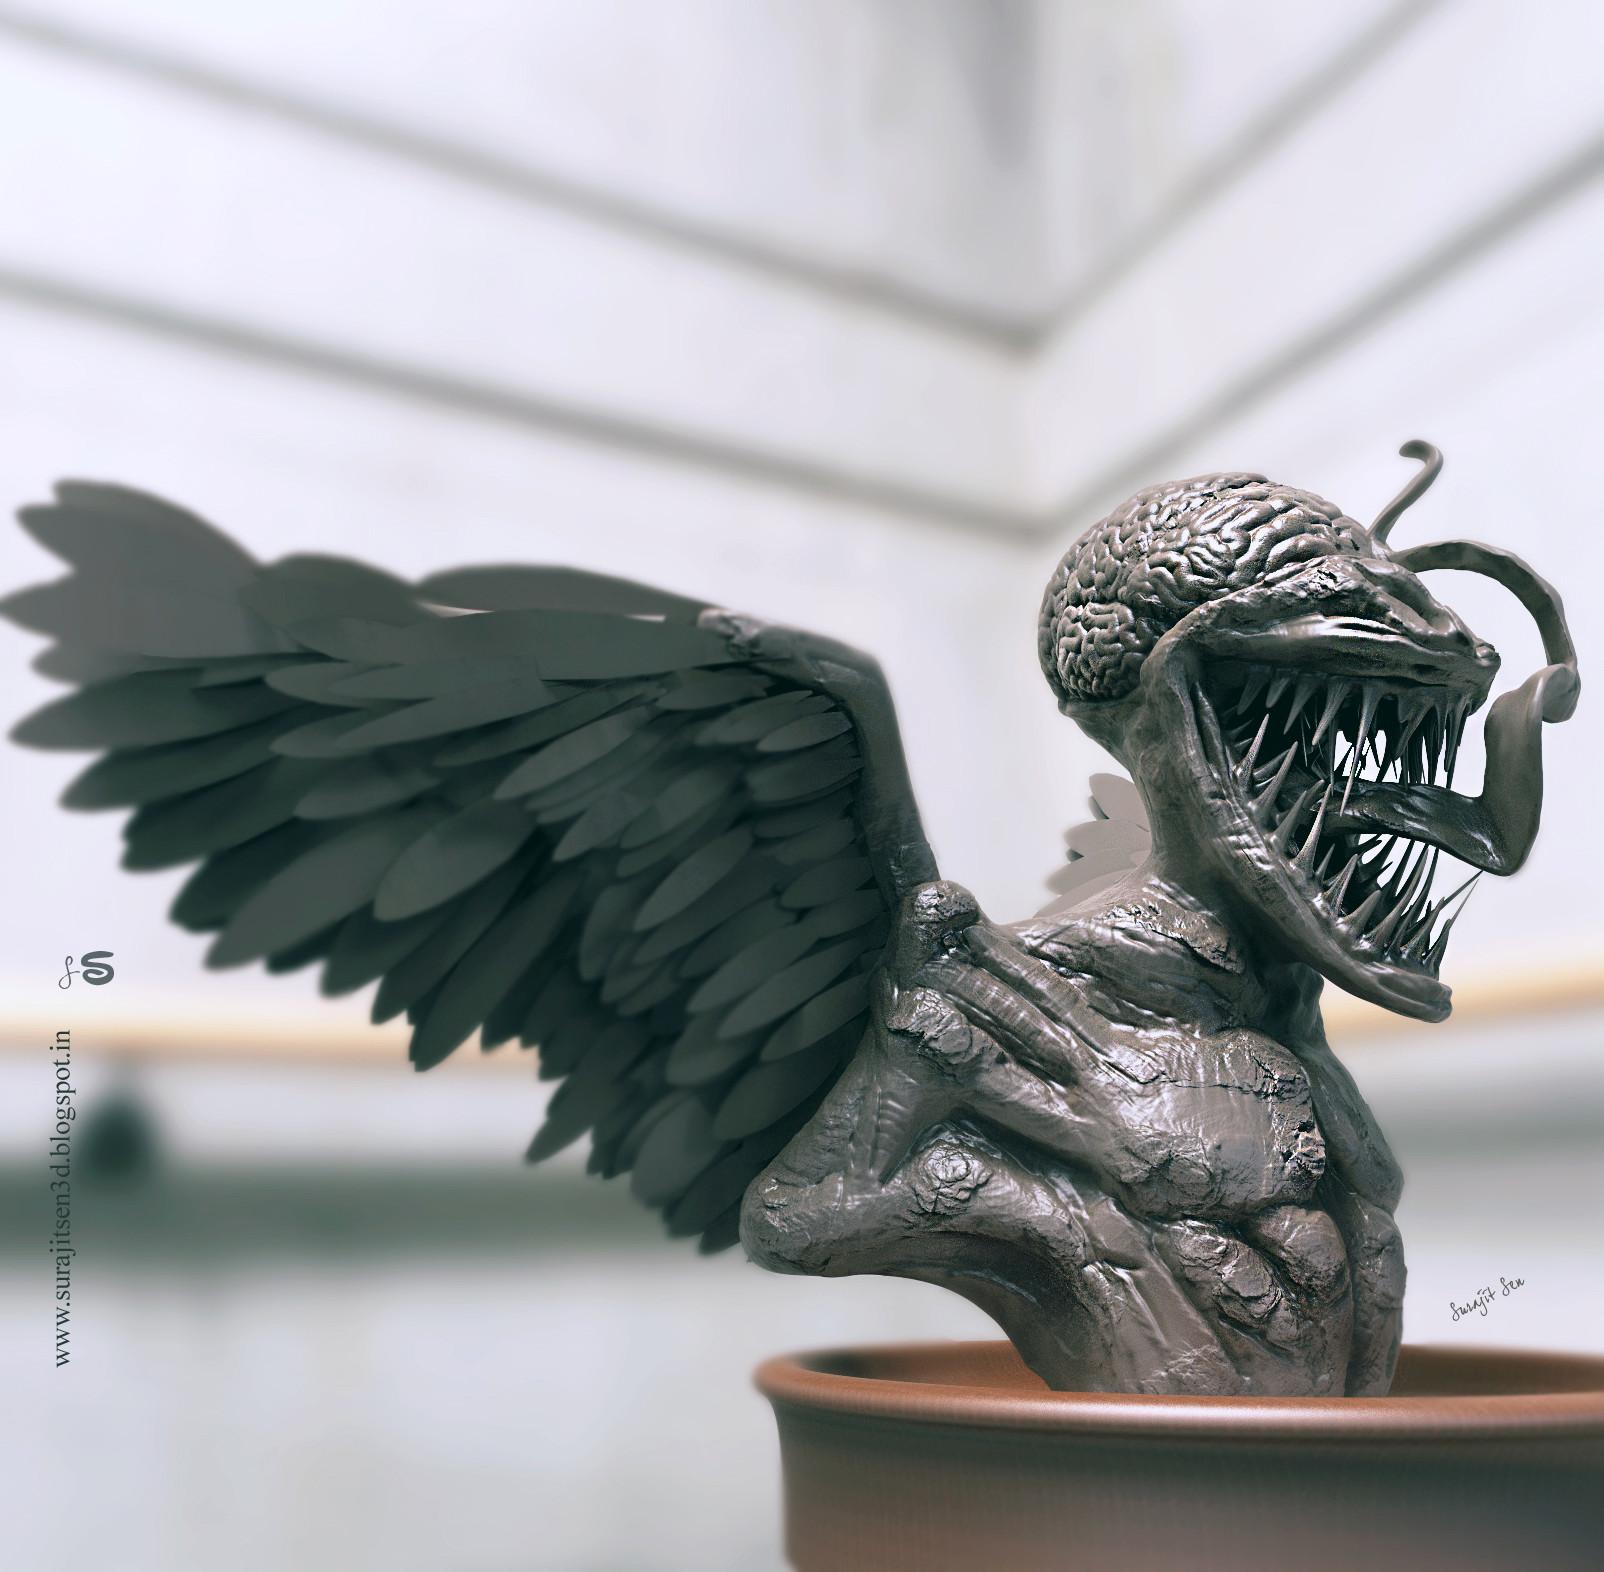 Surajit sen concept sculpt lapper surajitsen 01102018